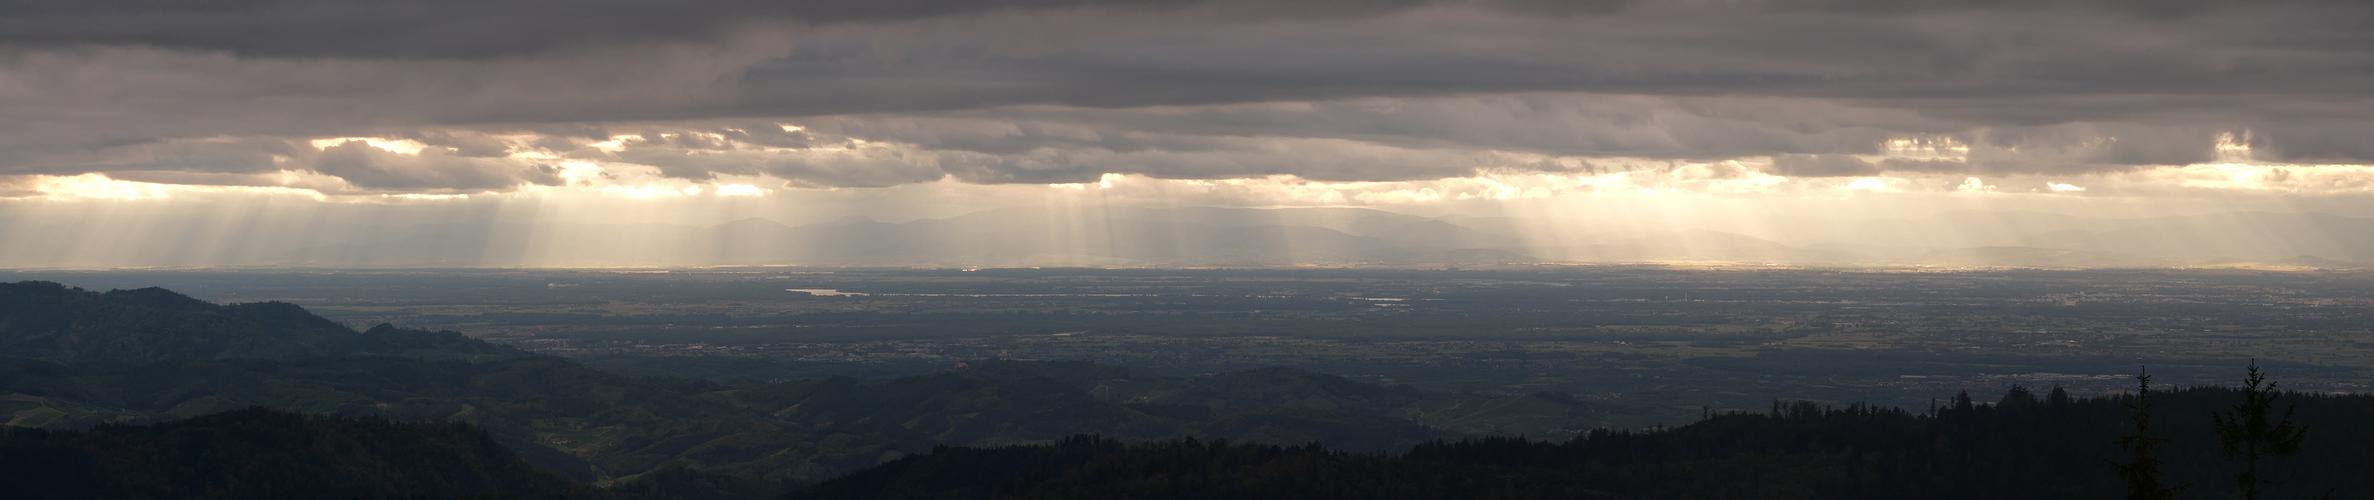 Das Rheintal et l'Alsace